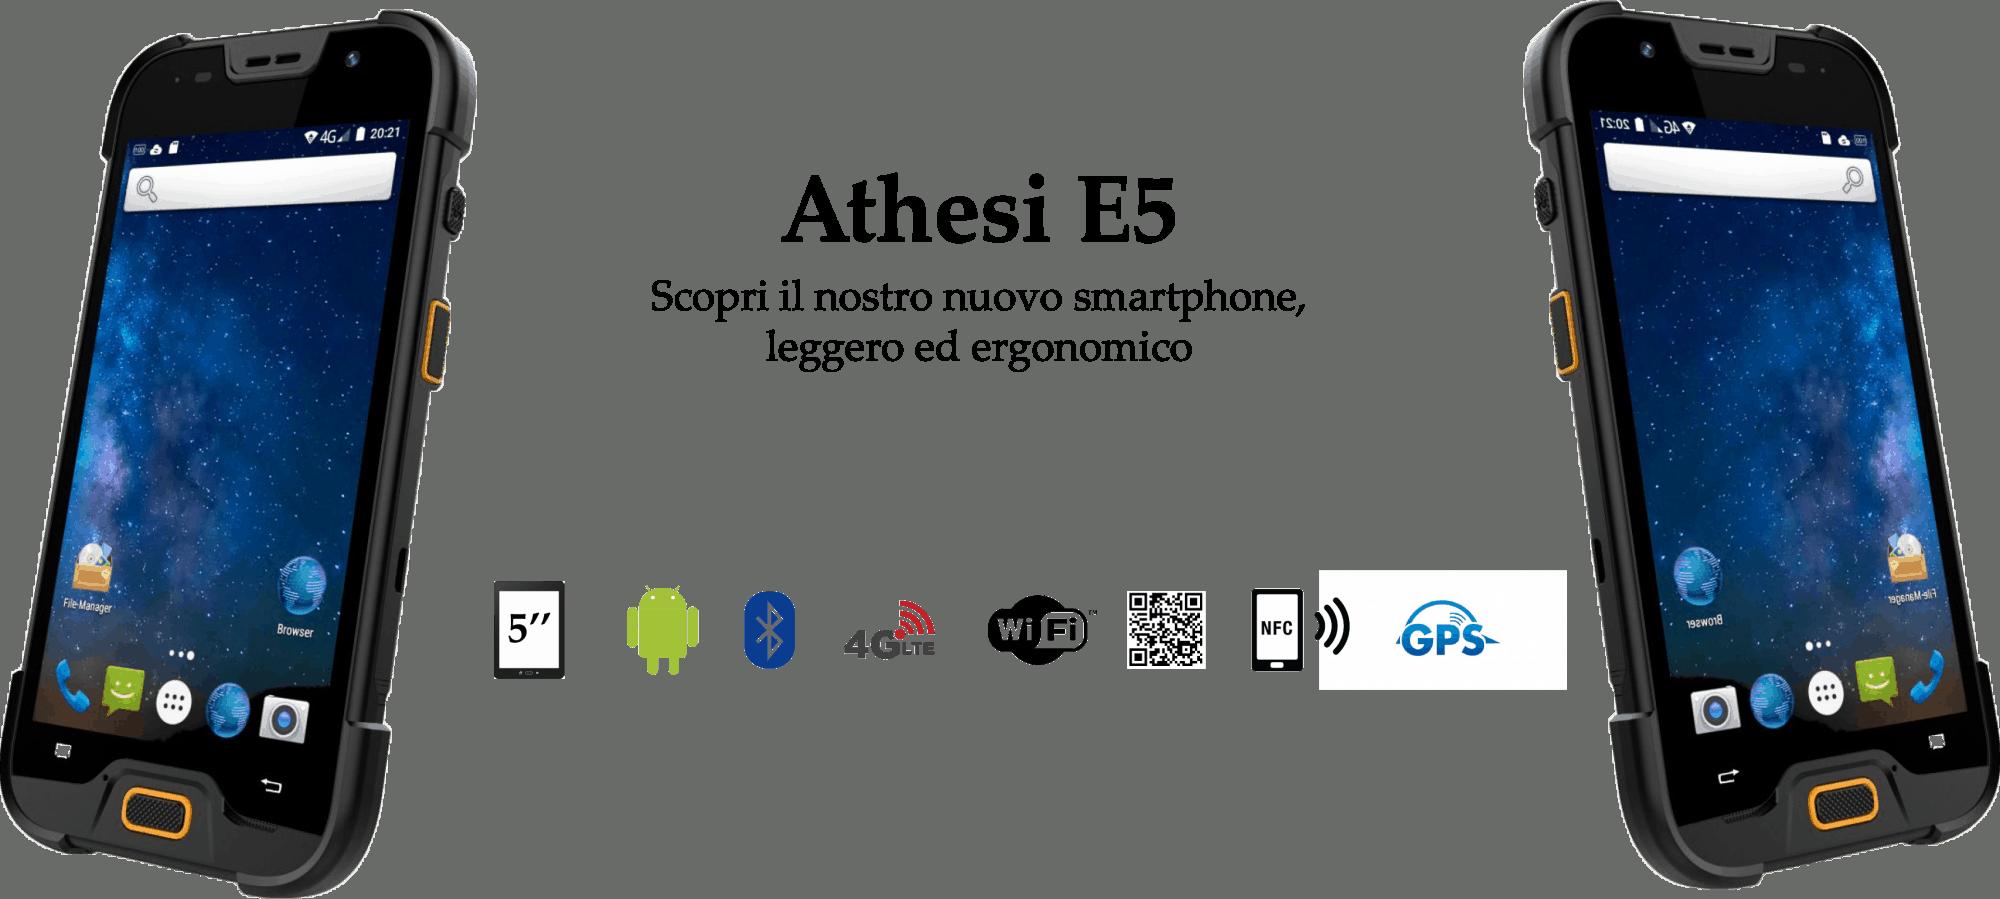 e5 it